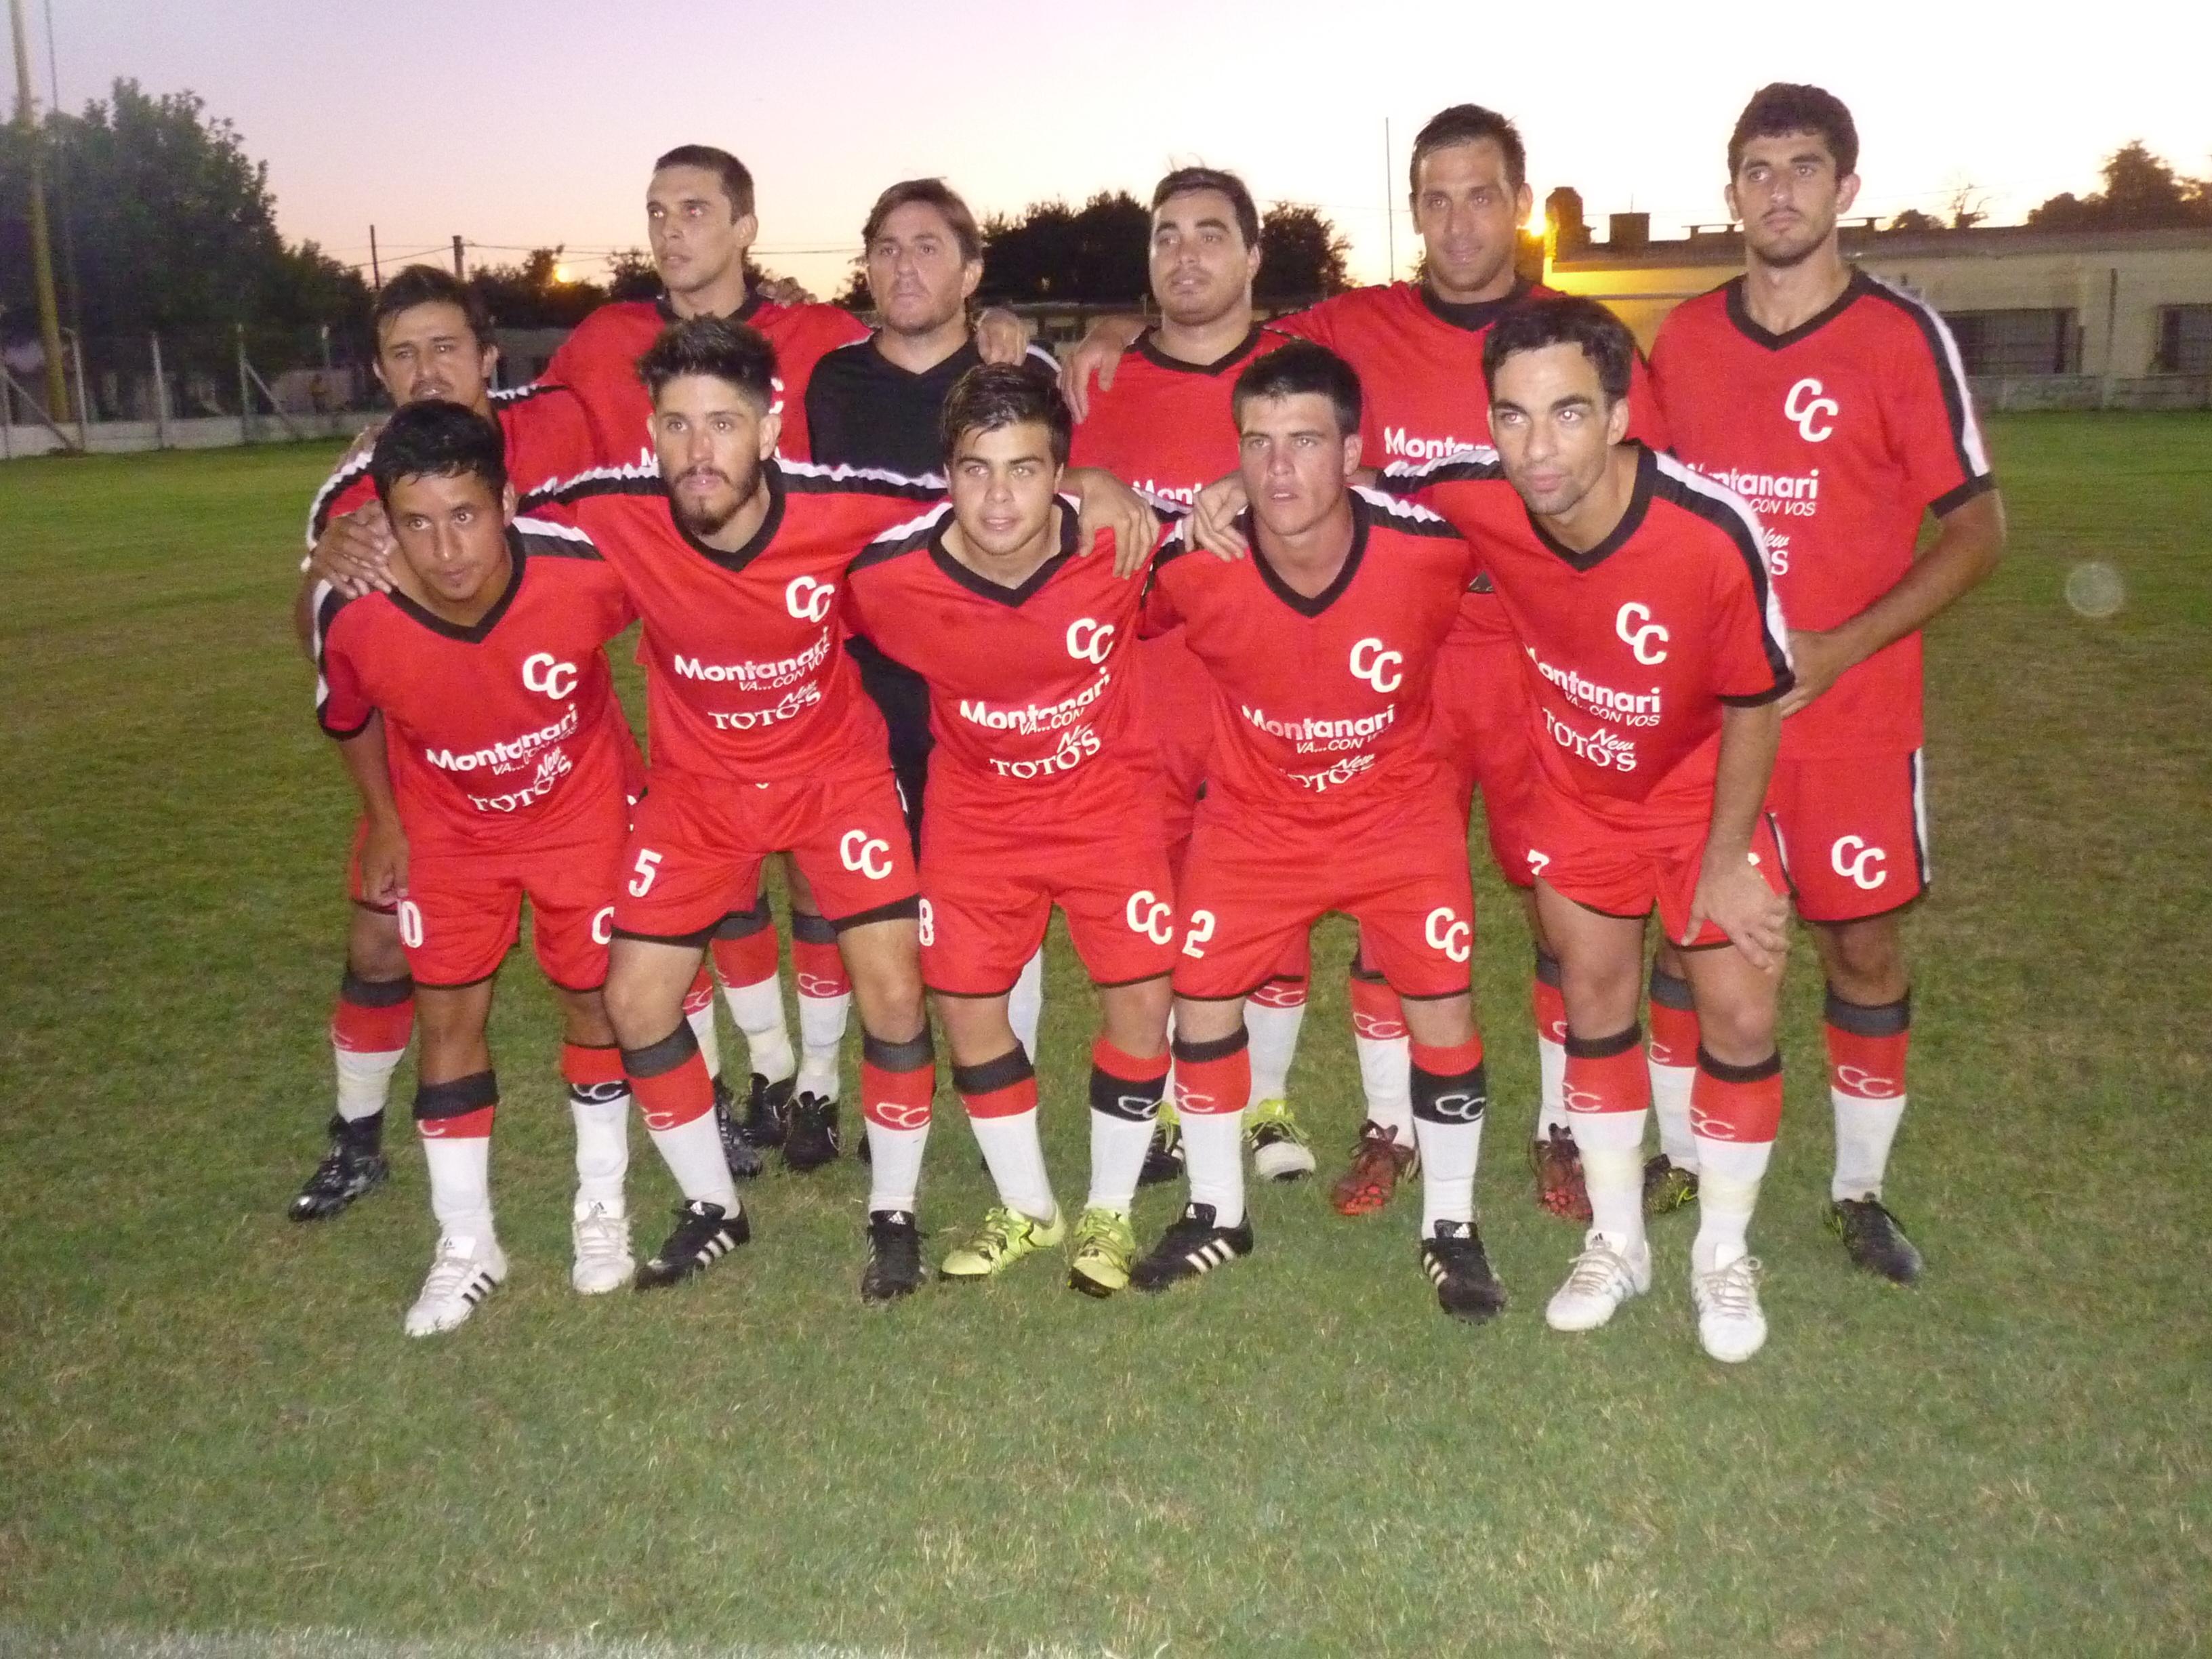 Finalmente, tras varias oportunidades fallidas debido a las inclemencias temporales, pudo completarse con normalidad los encuentros de ida de la segunda fase del Torneo Tres Ligas que organiza la Asociación Deportiva del Noroeste Bonaerense.